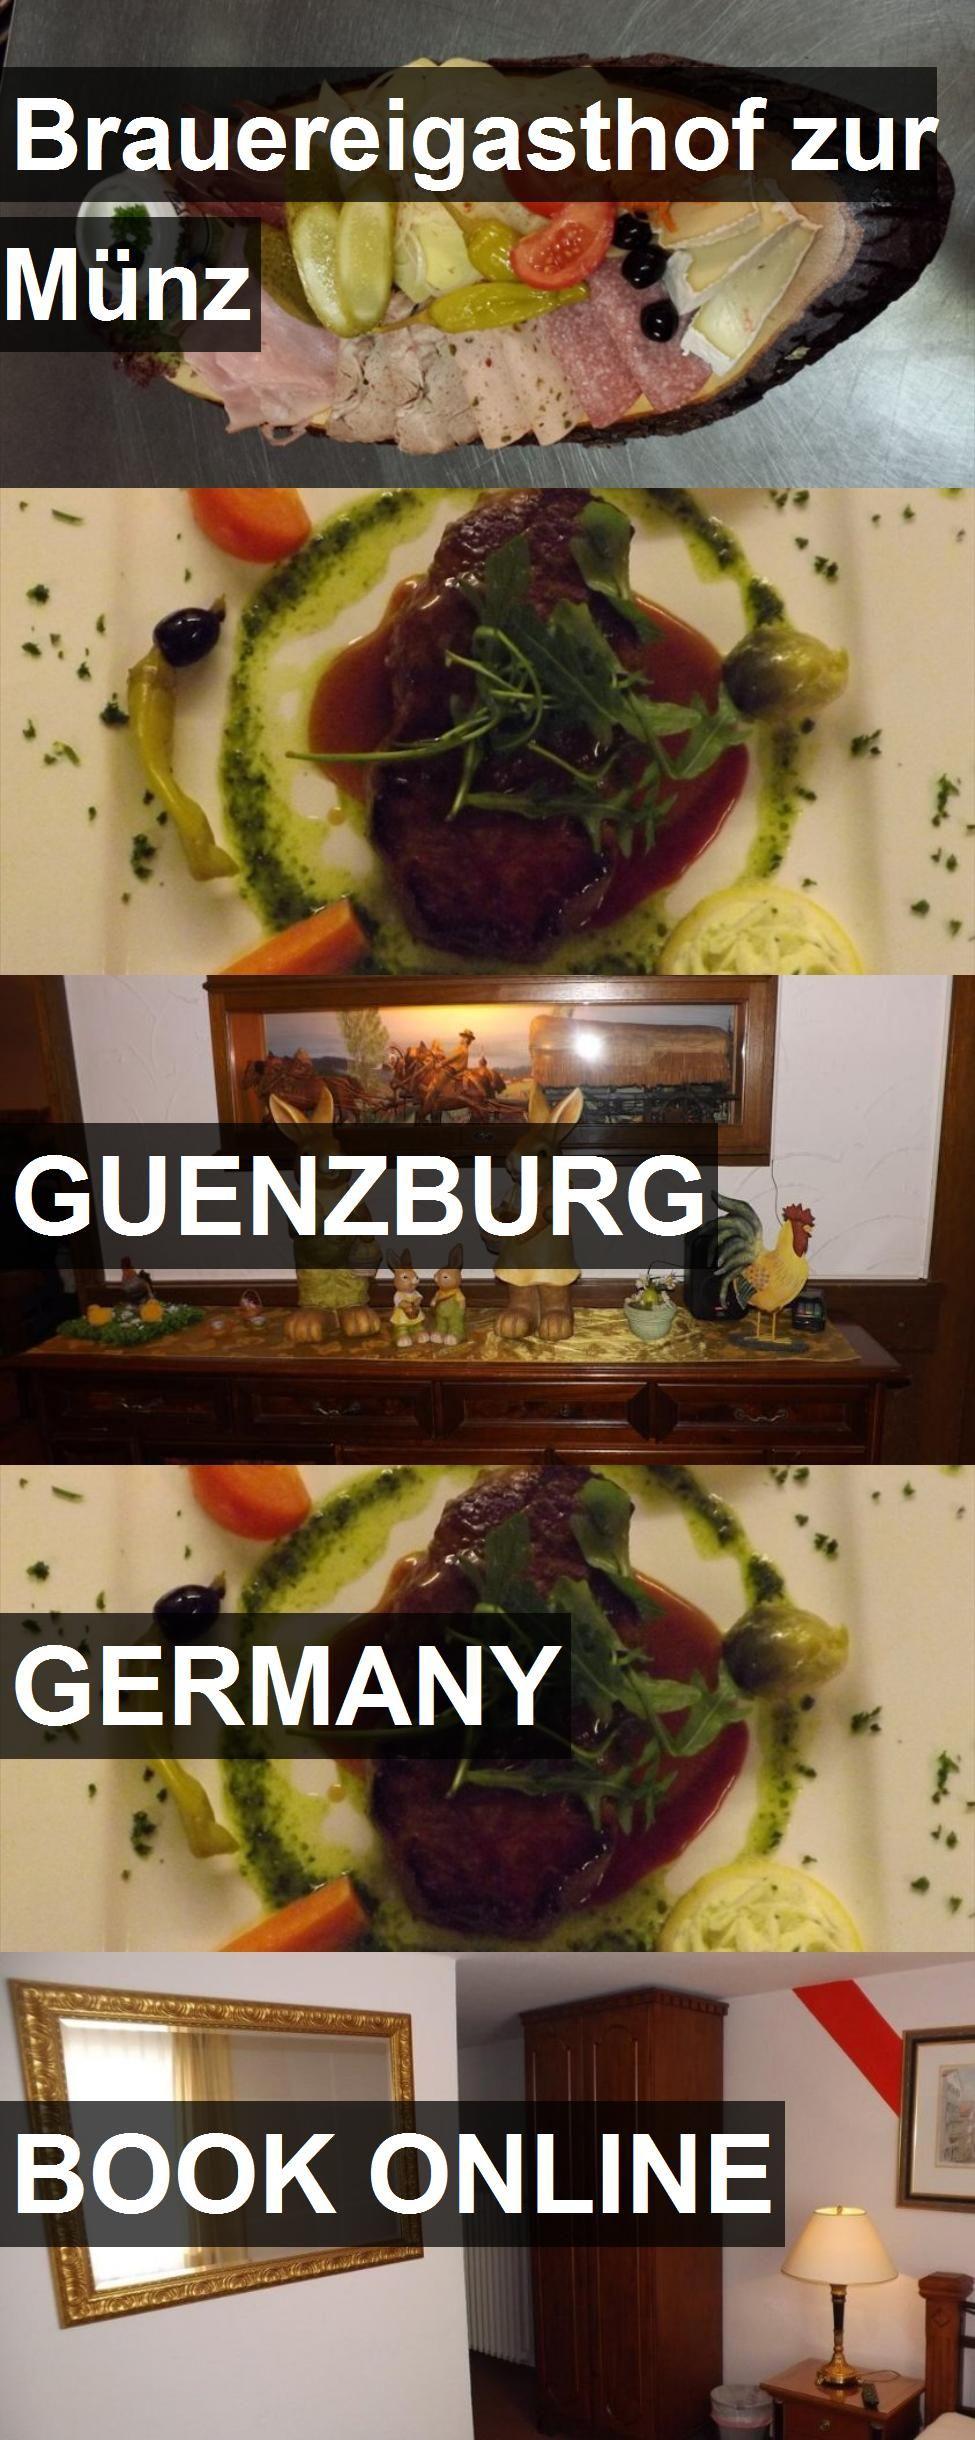 Hotel Brauereigasthof Zur Münz In Guenzburg Germany For More